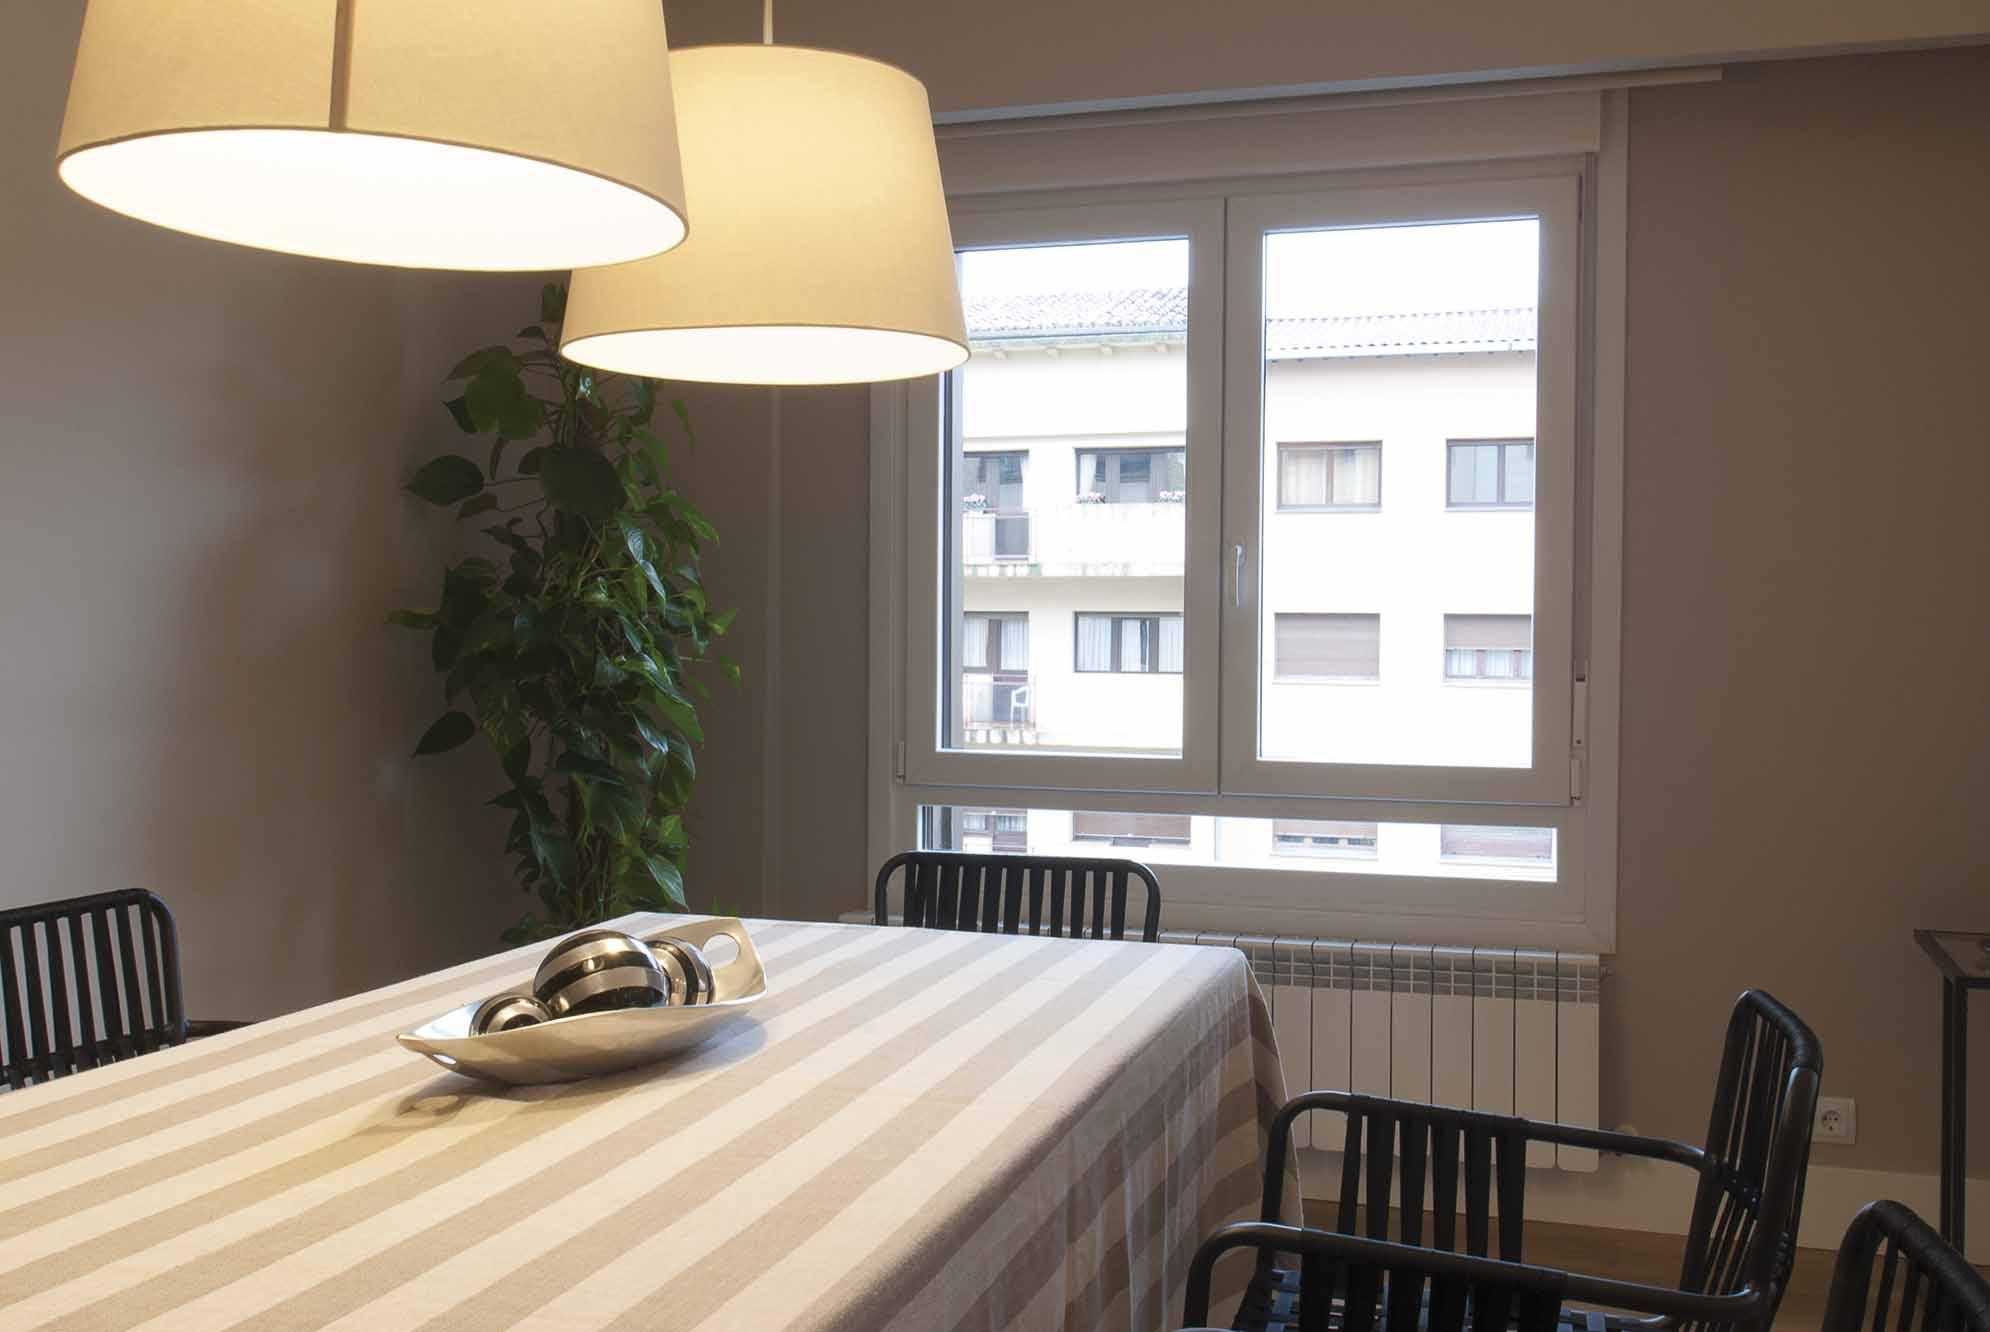 ventanas-pvc-deceuninck-pamplona-3